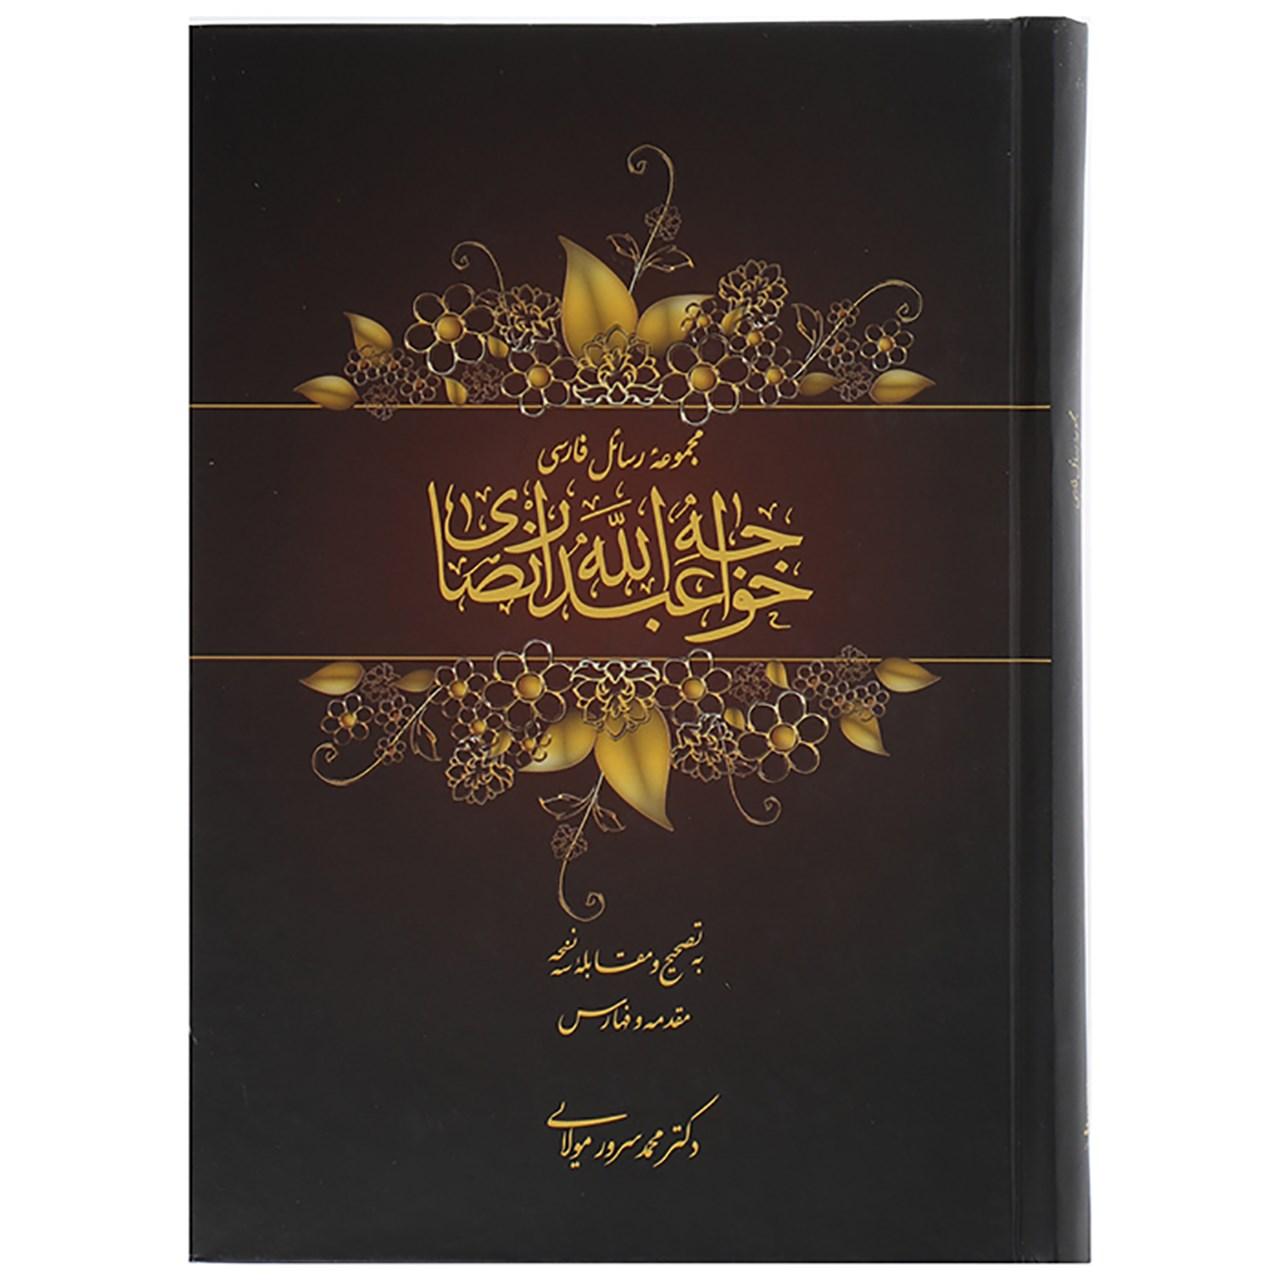 کتاب مجموعه رسائل فارسی خواجه عبدالله انصاری - دو جلدی